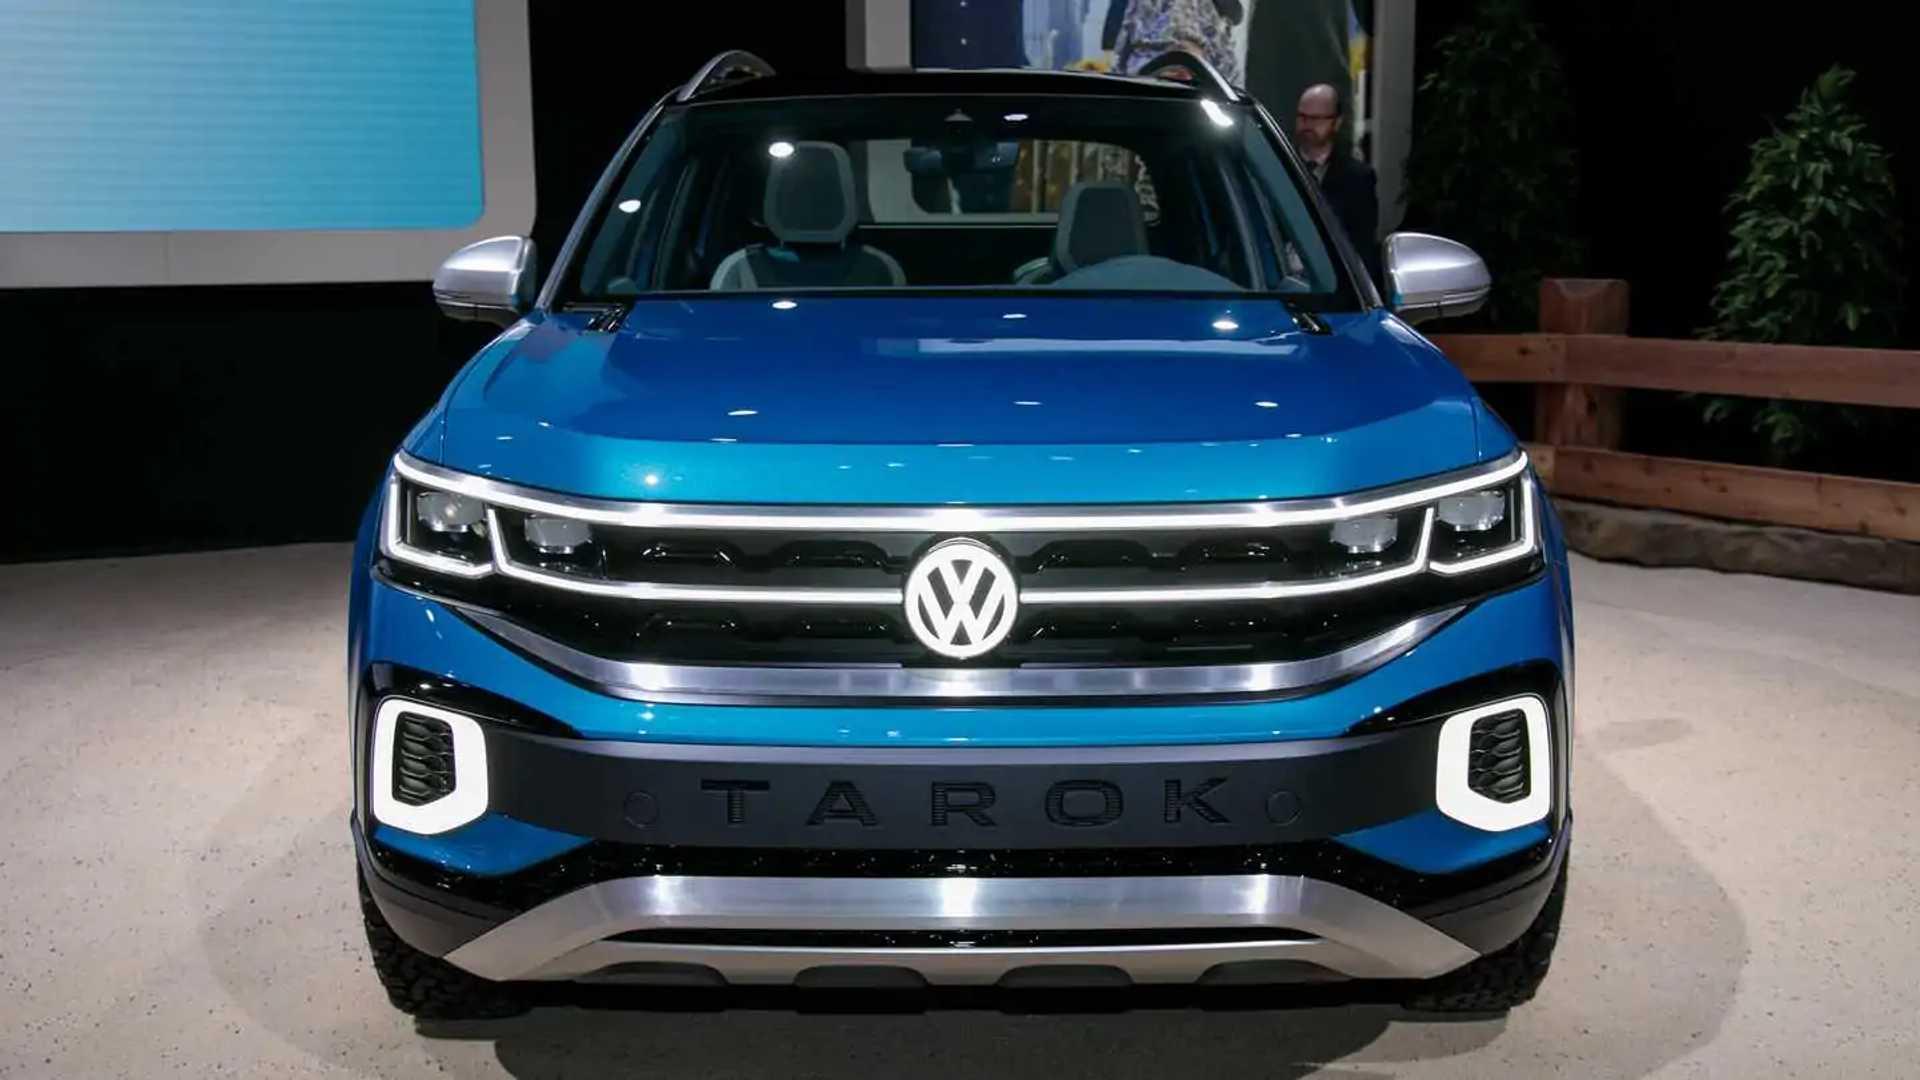 Next-Generation VW Amarok Truck Due 2022